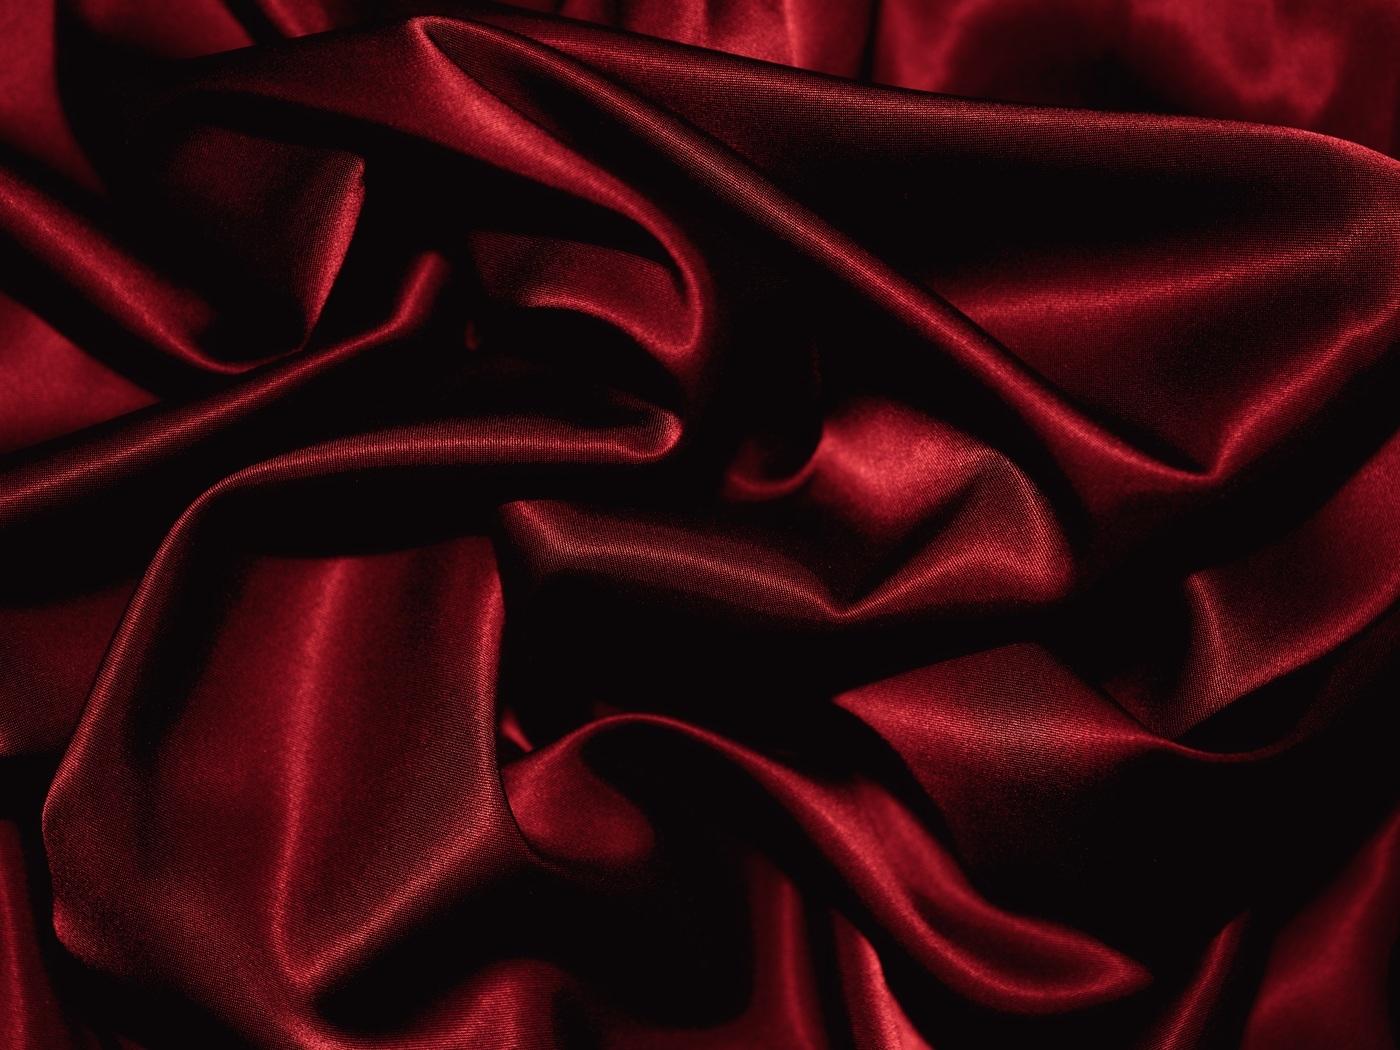 Silk and Satin Wallpaper - WallpaperSafari